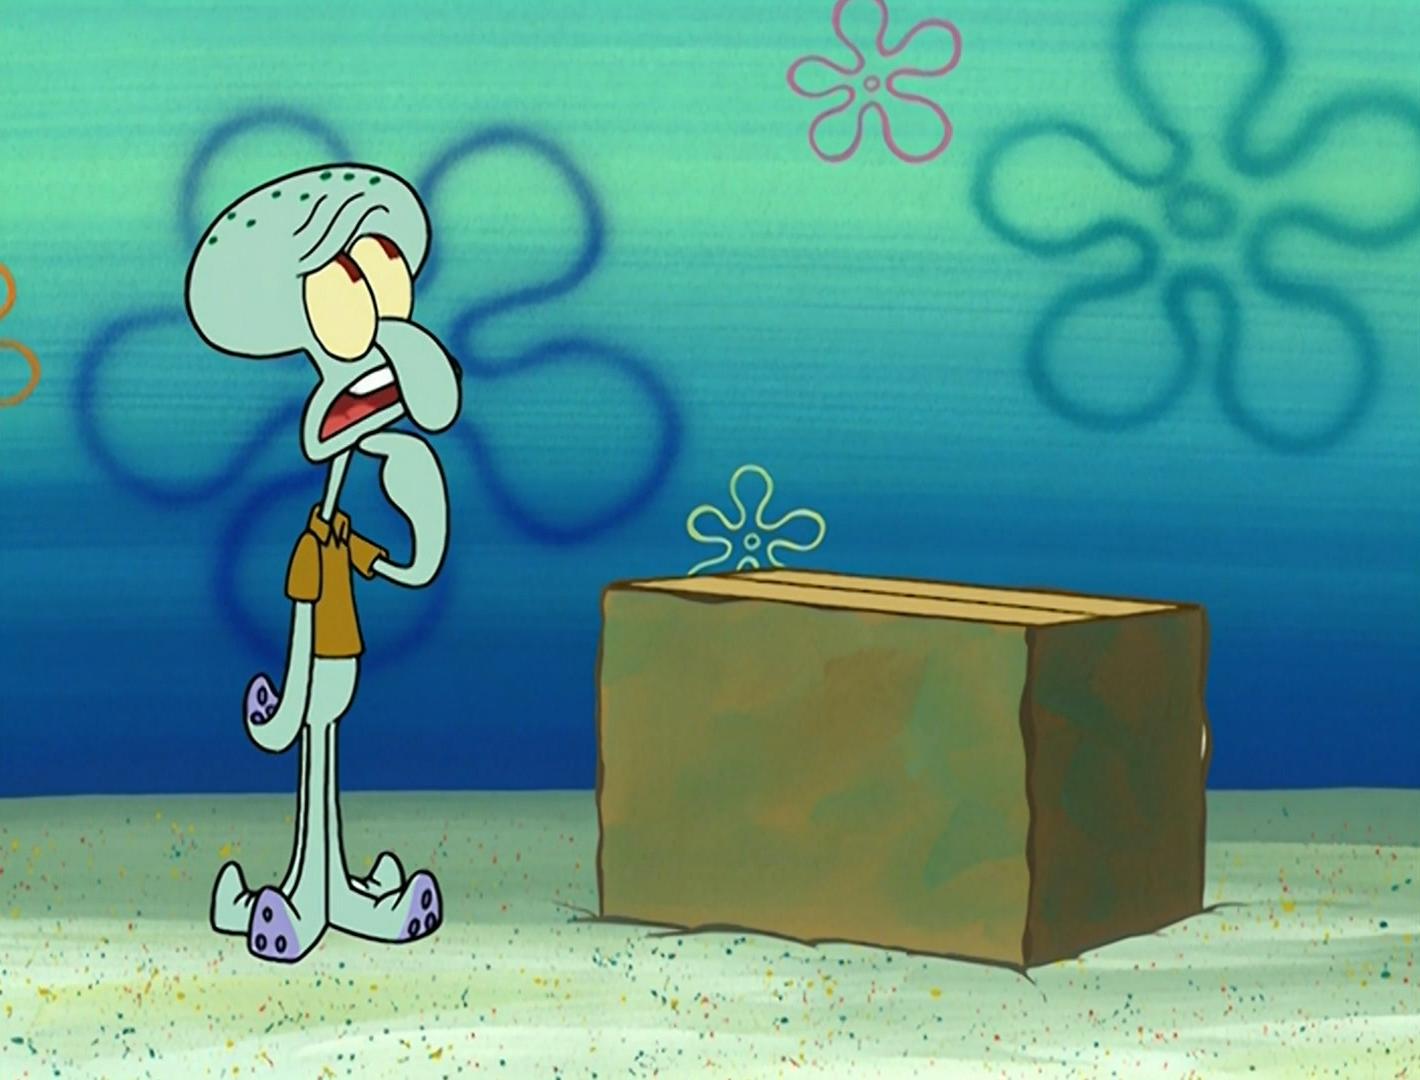 File:Idiot Box 023.png